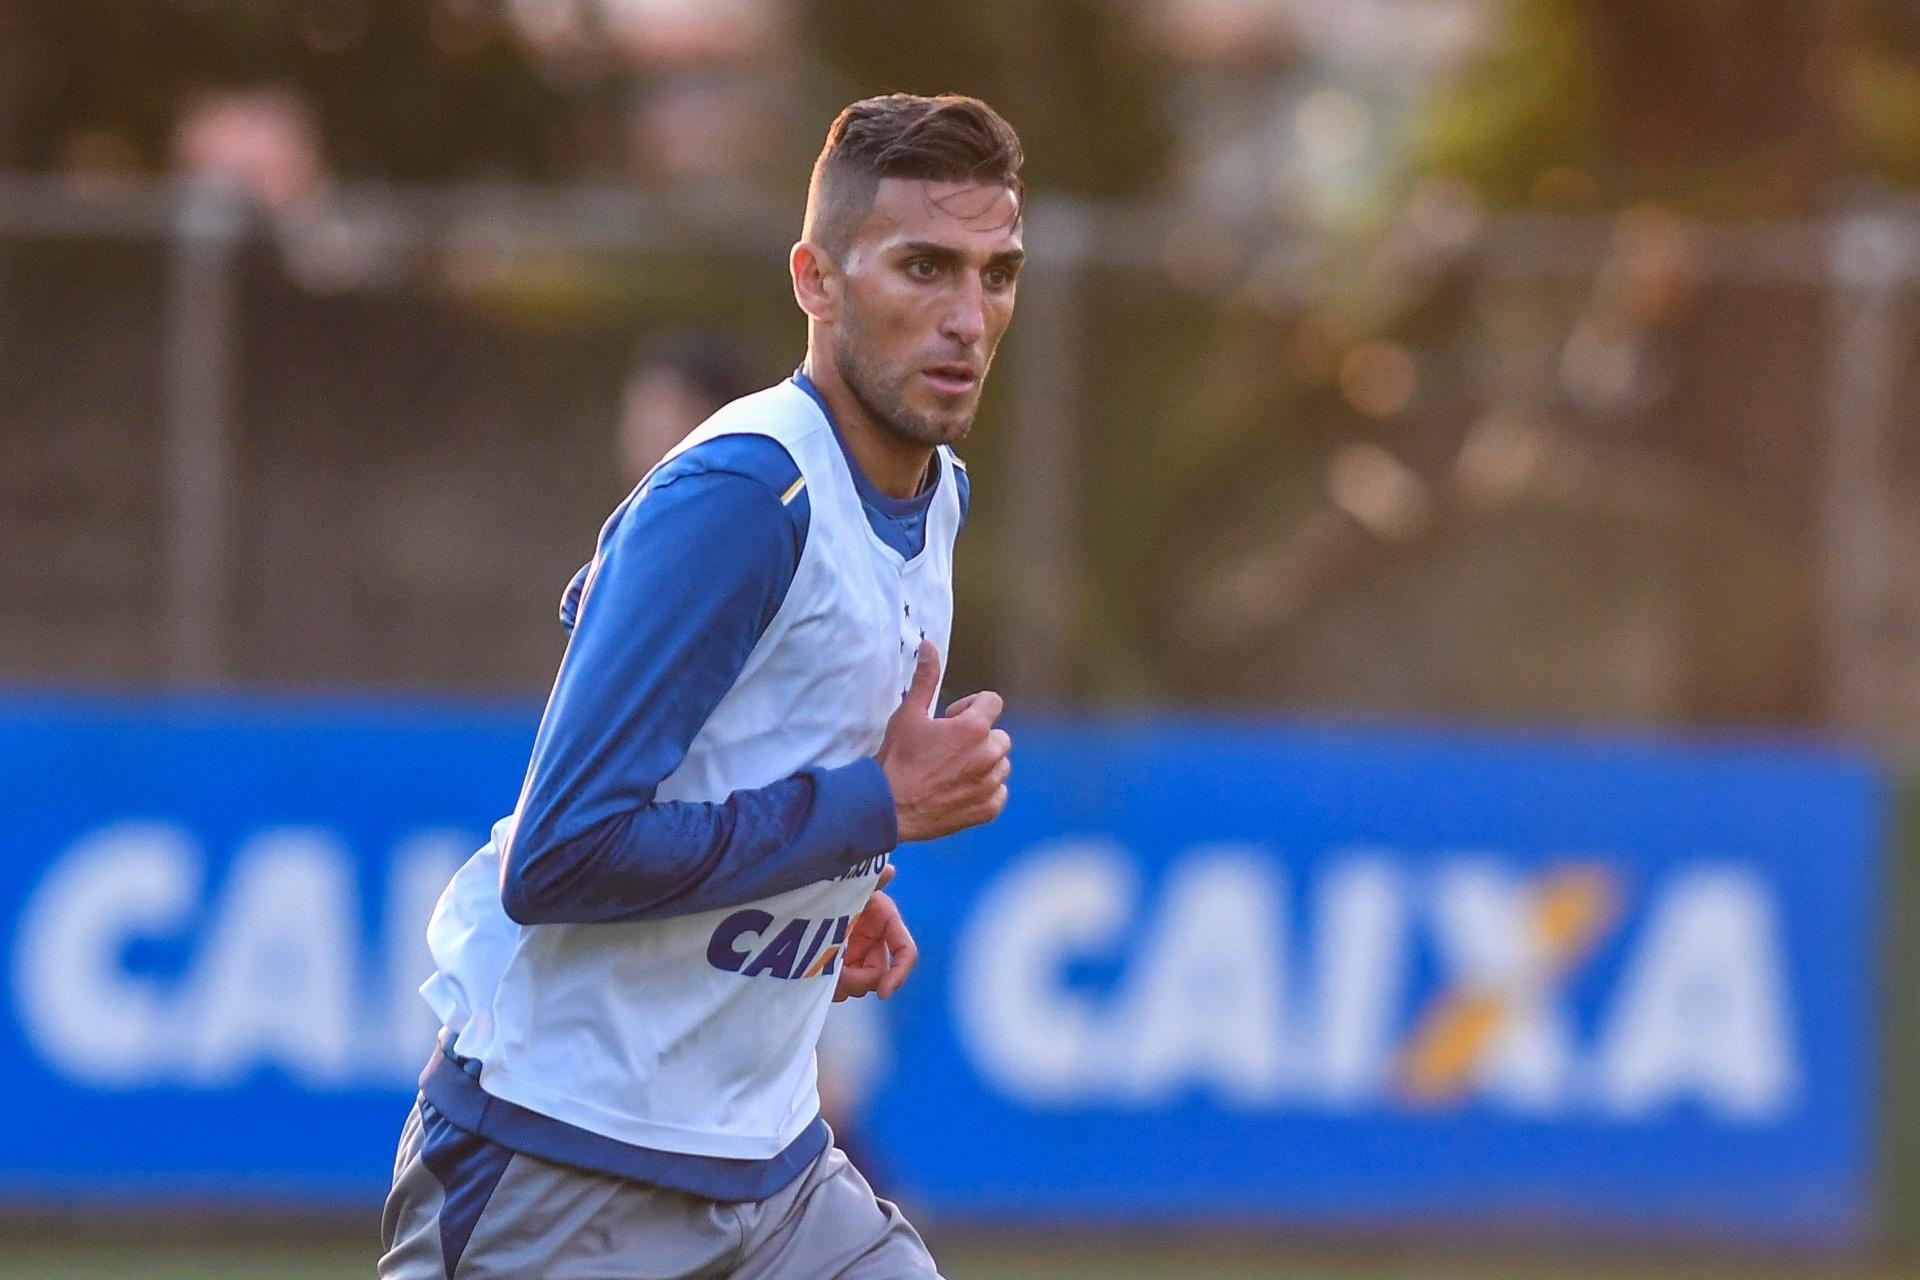 ccbe6815eb Rafael Marques sofre lesão e pode deixar Cruzeiro após recuperação -  12 11 2017 - UOL Esporte